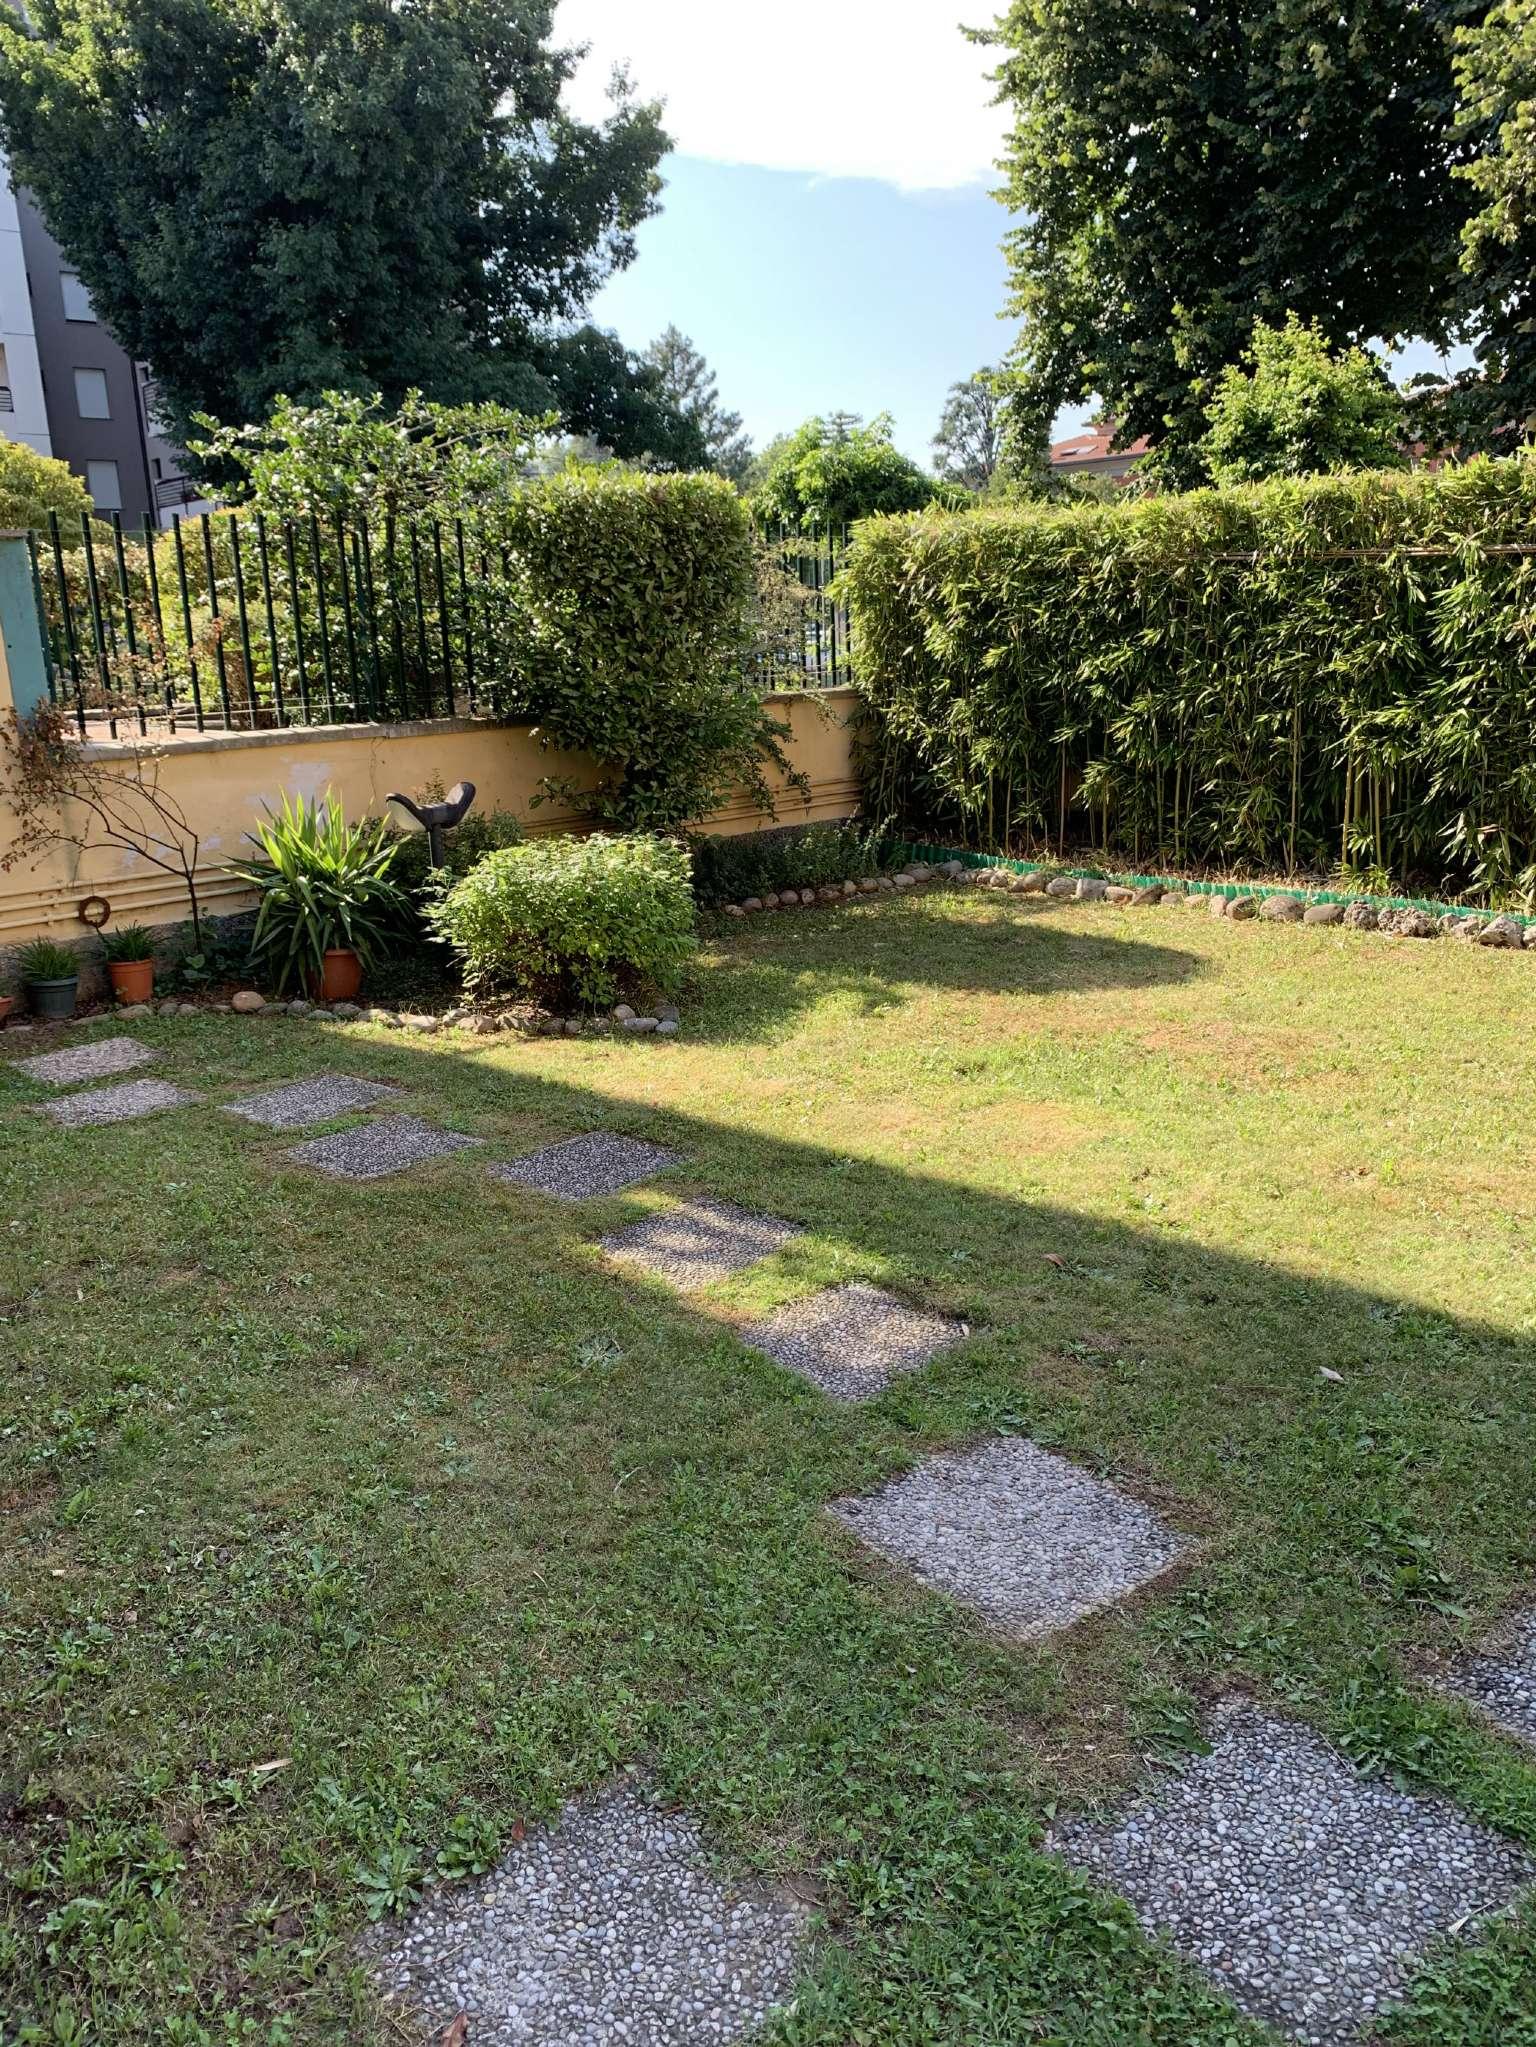 Appartamento in vendita a Caronno Pertusella, 3 locali, prezzo € 270.000 | PortaleAgenzieImmobiliari.it